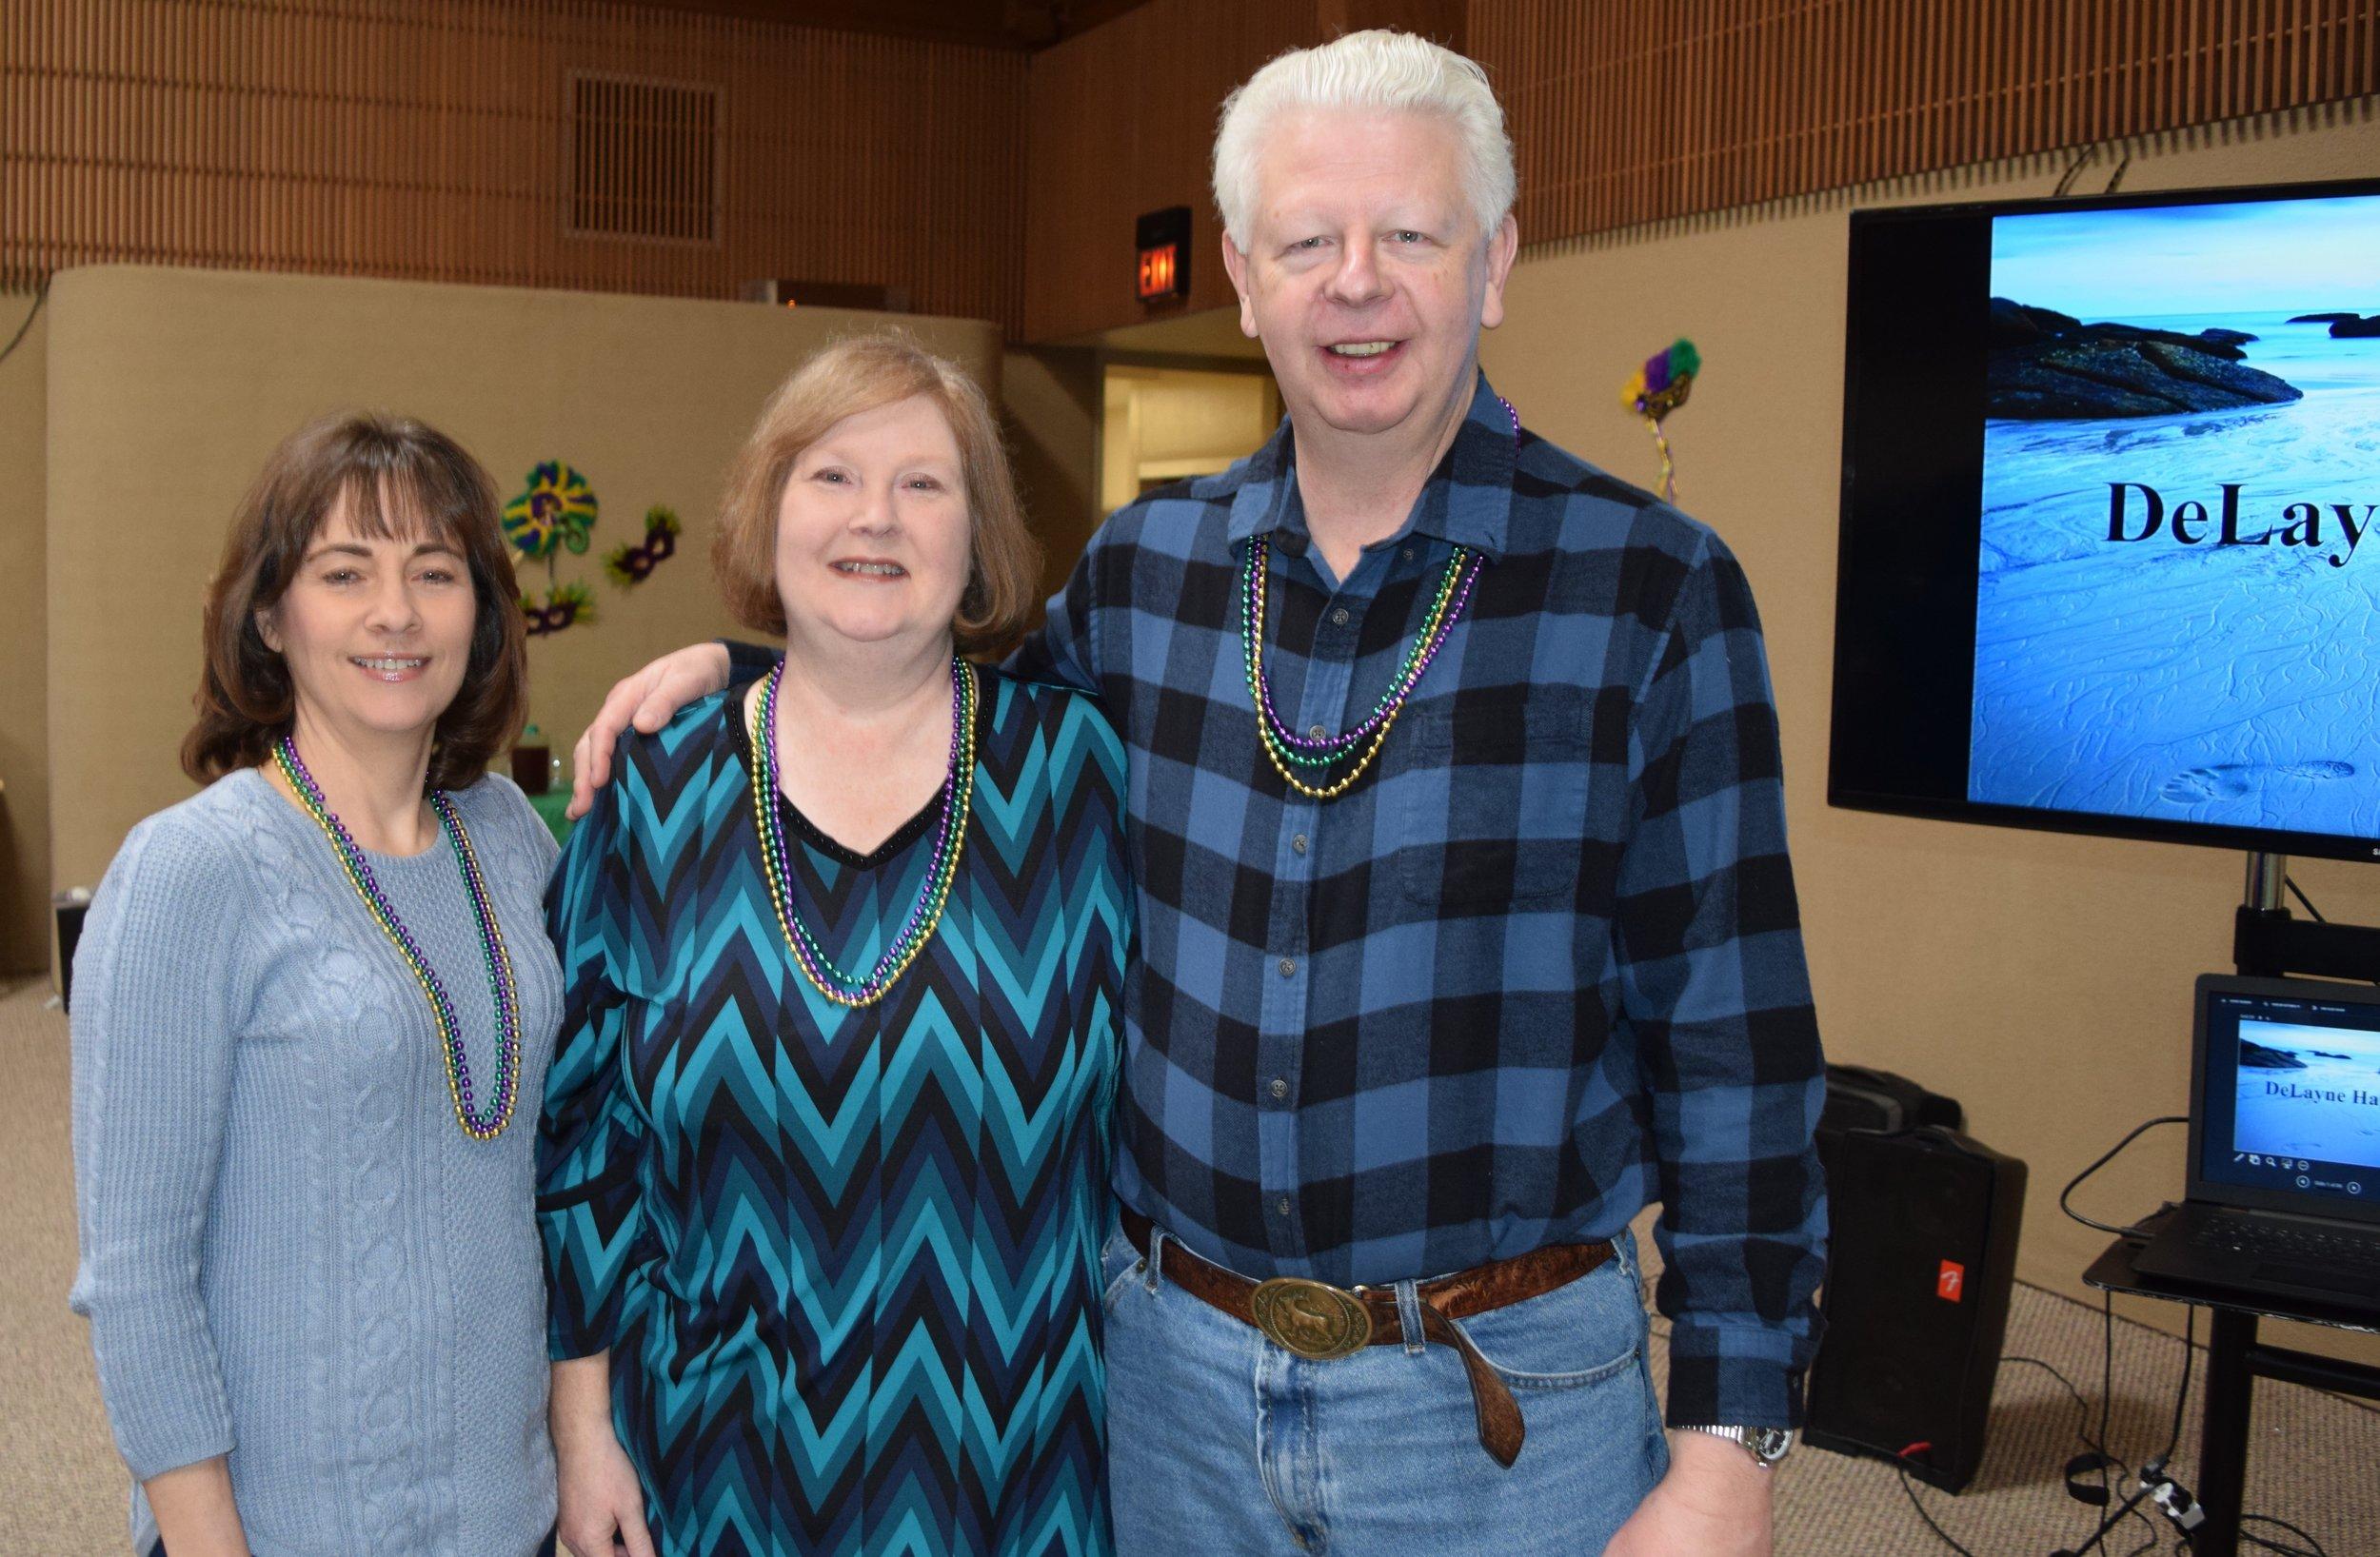 Rev. Dr. Gerald Demarest & Cindy